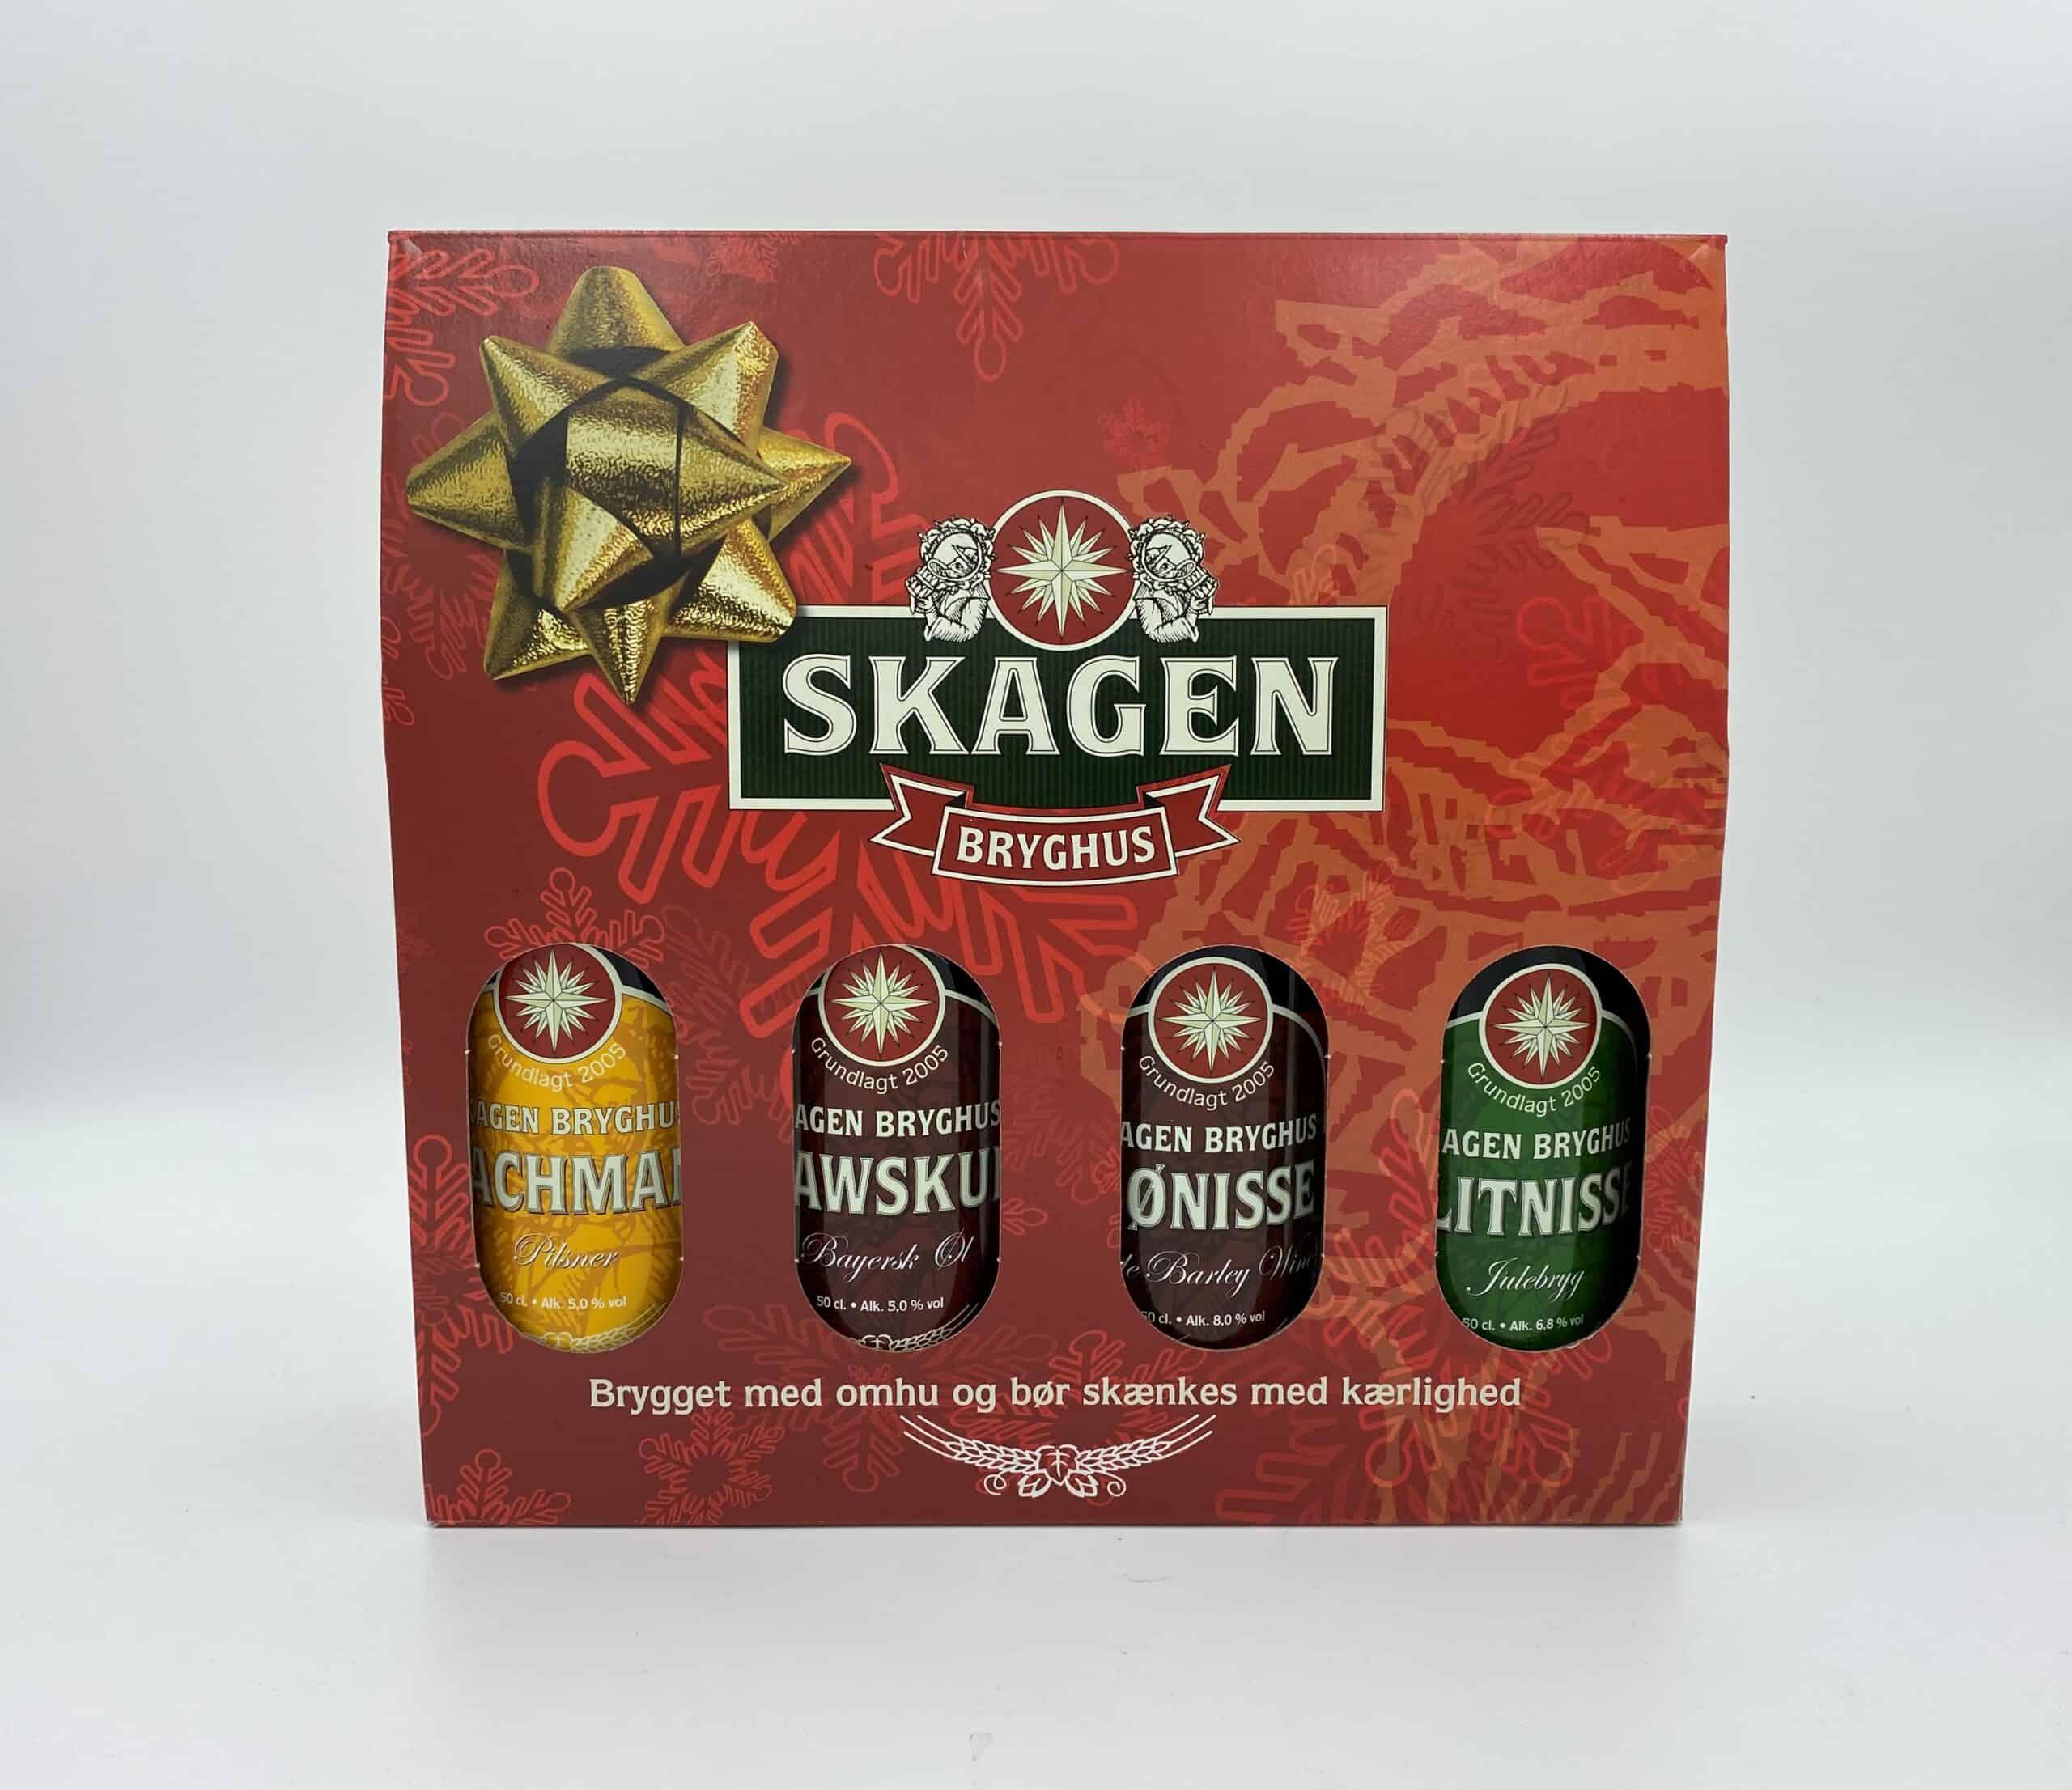 Julegavekasse til 4 Skagen Bryghus øl. (Aktionærtilbud)